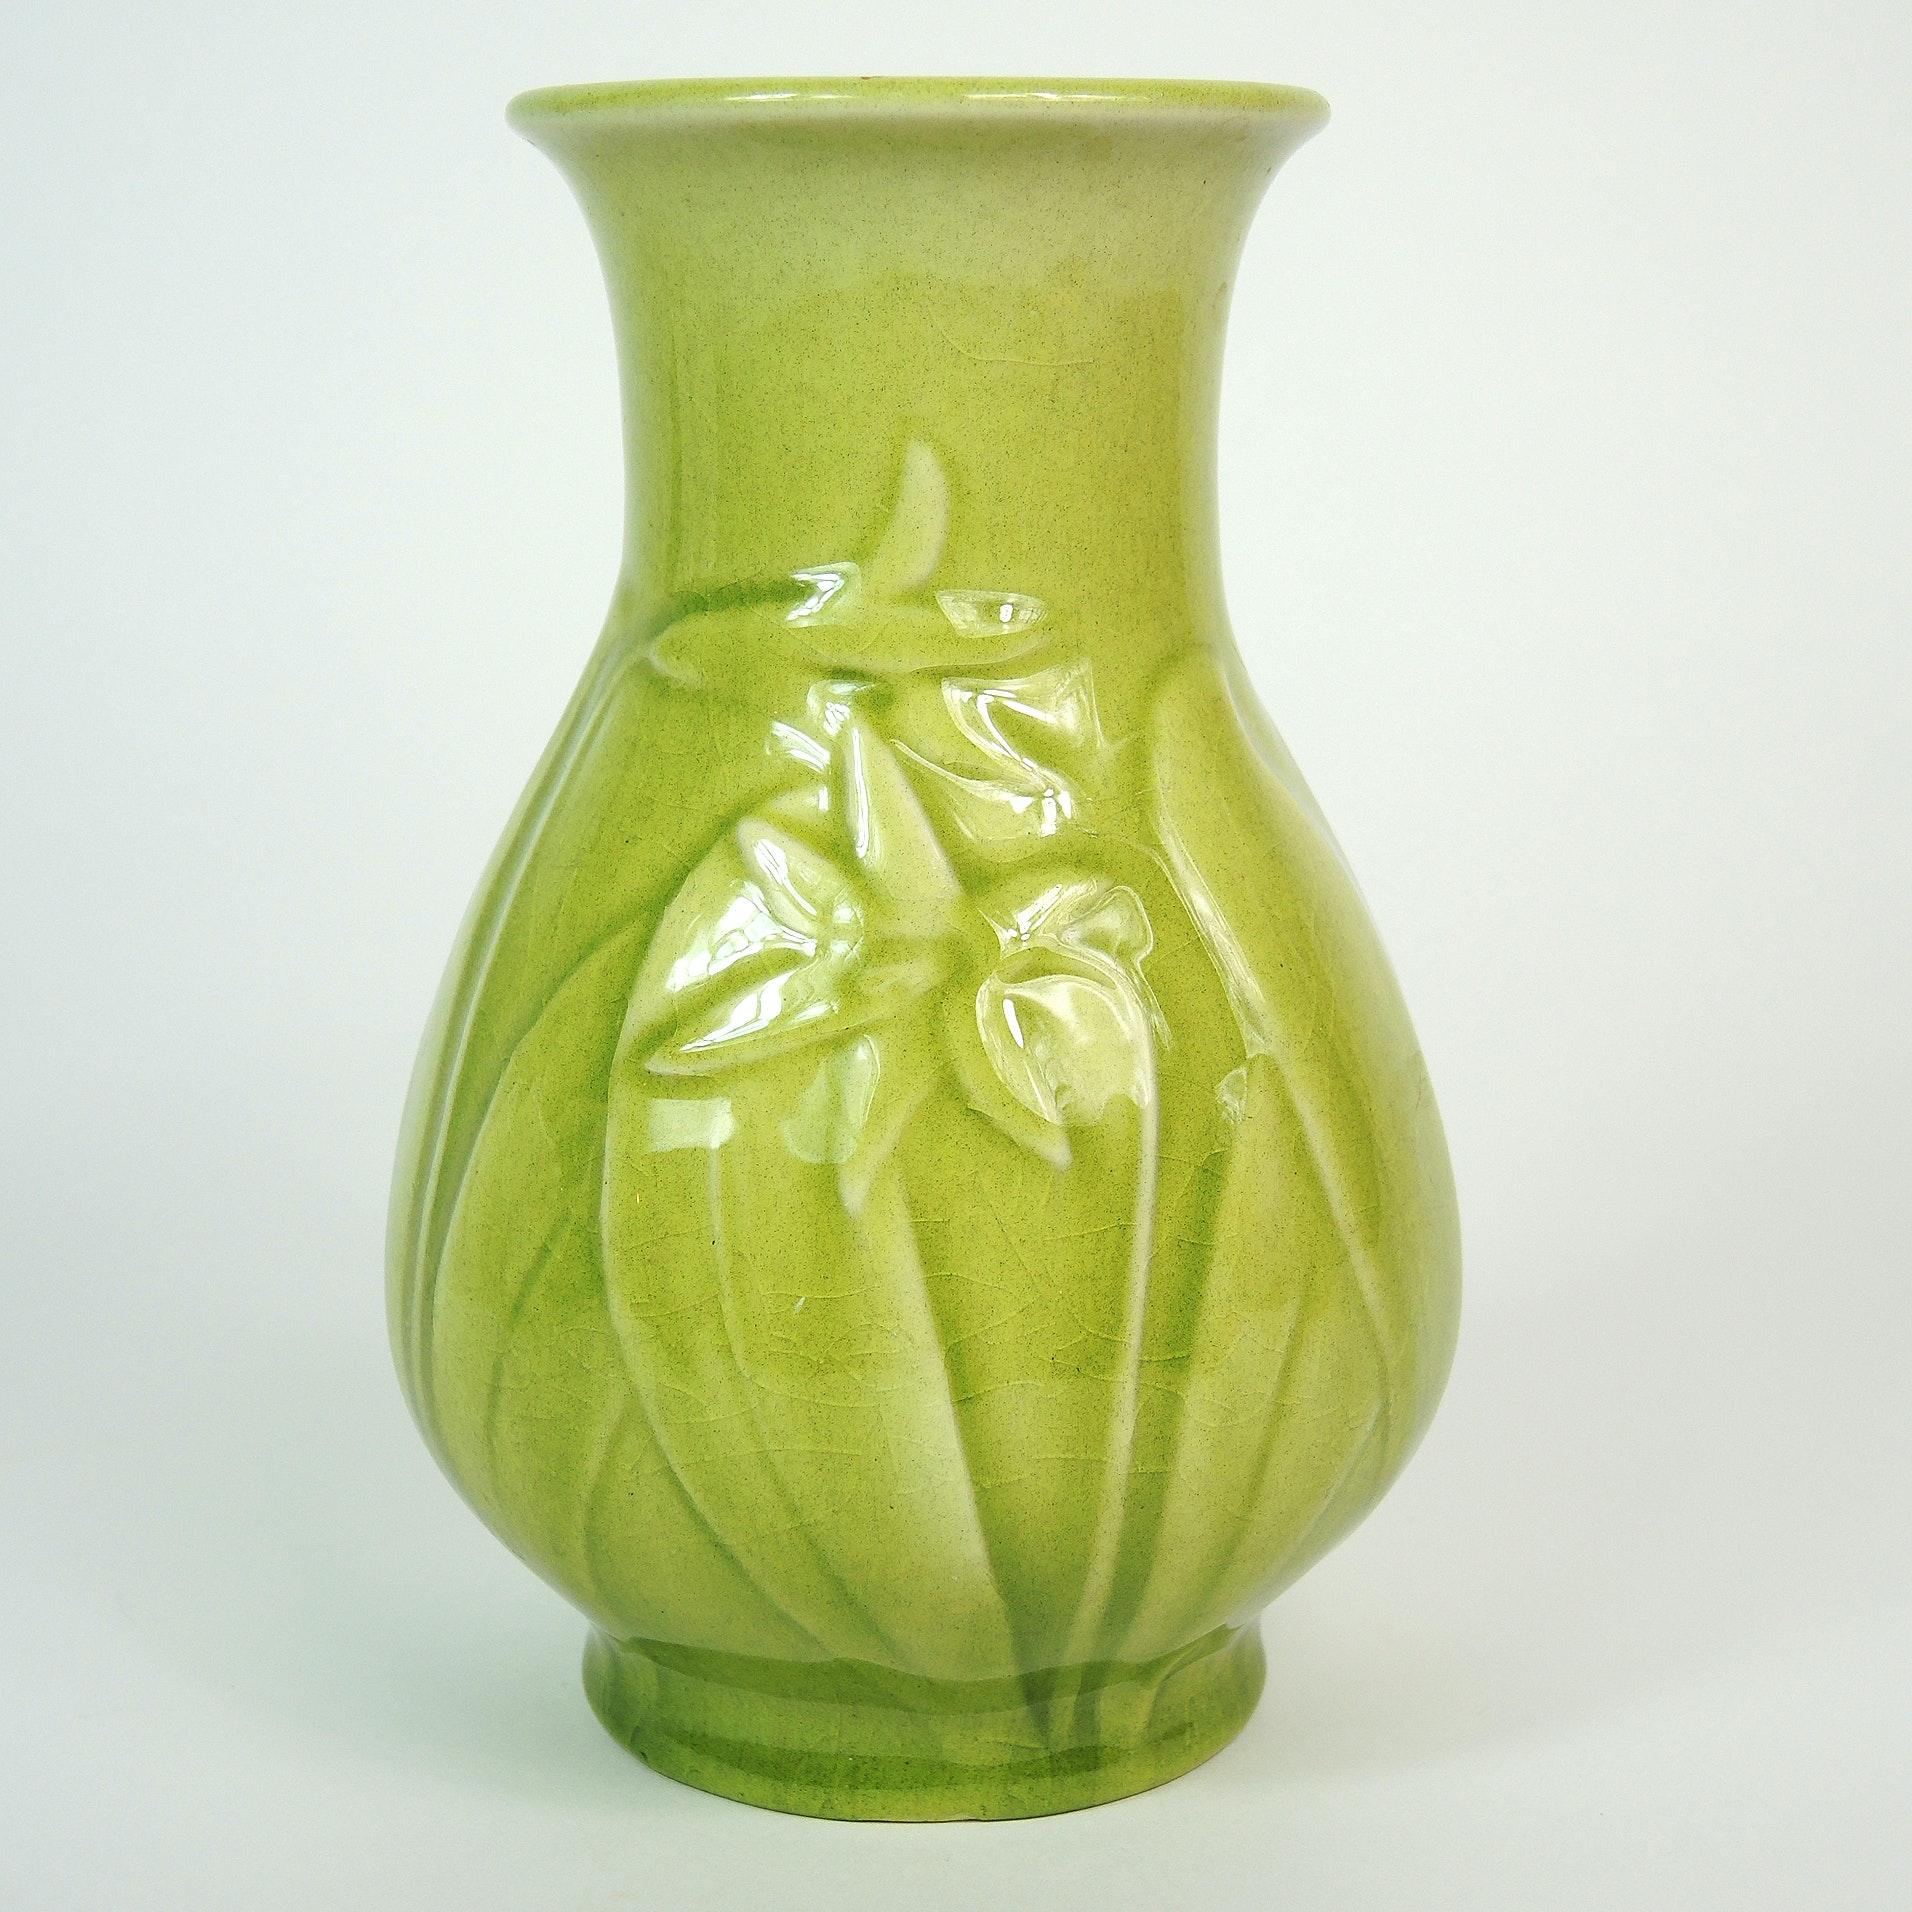 Green Rookwood Pottery Floral Vase, 1948